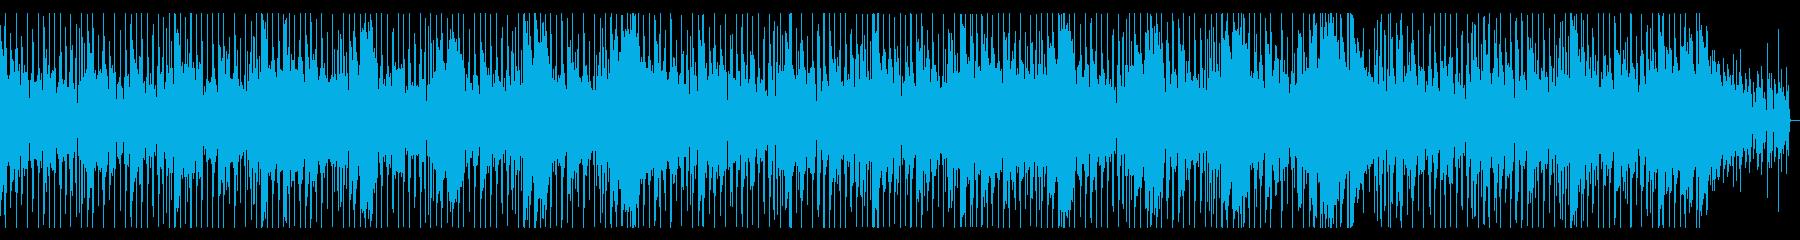 サックスが色っぽいチル系スムースジャズの再生済みの波形